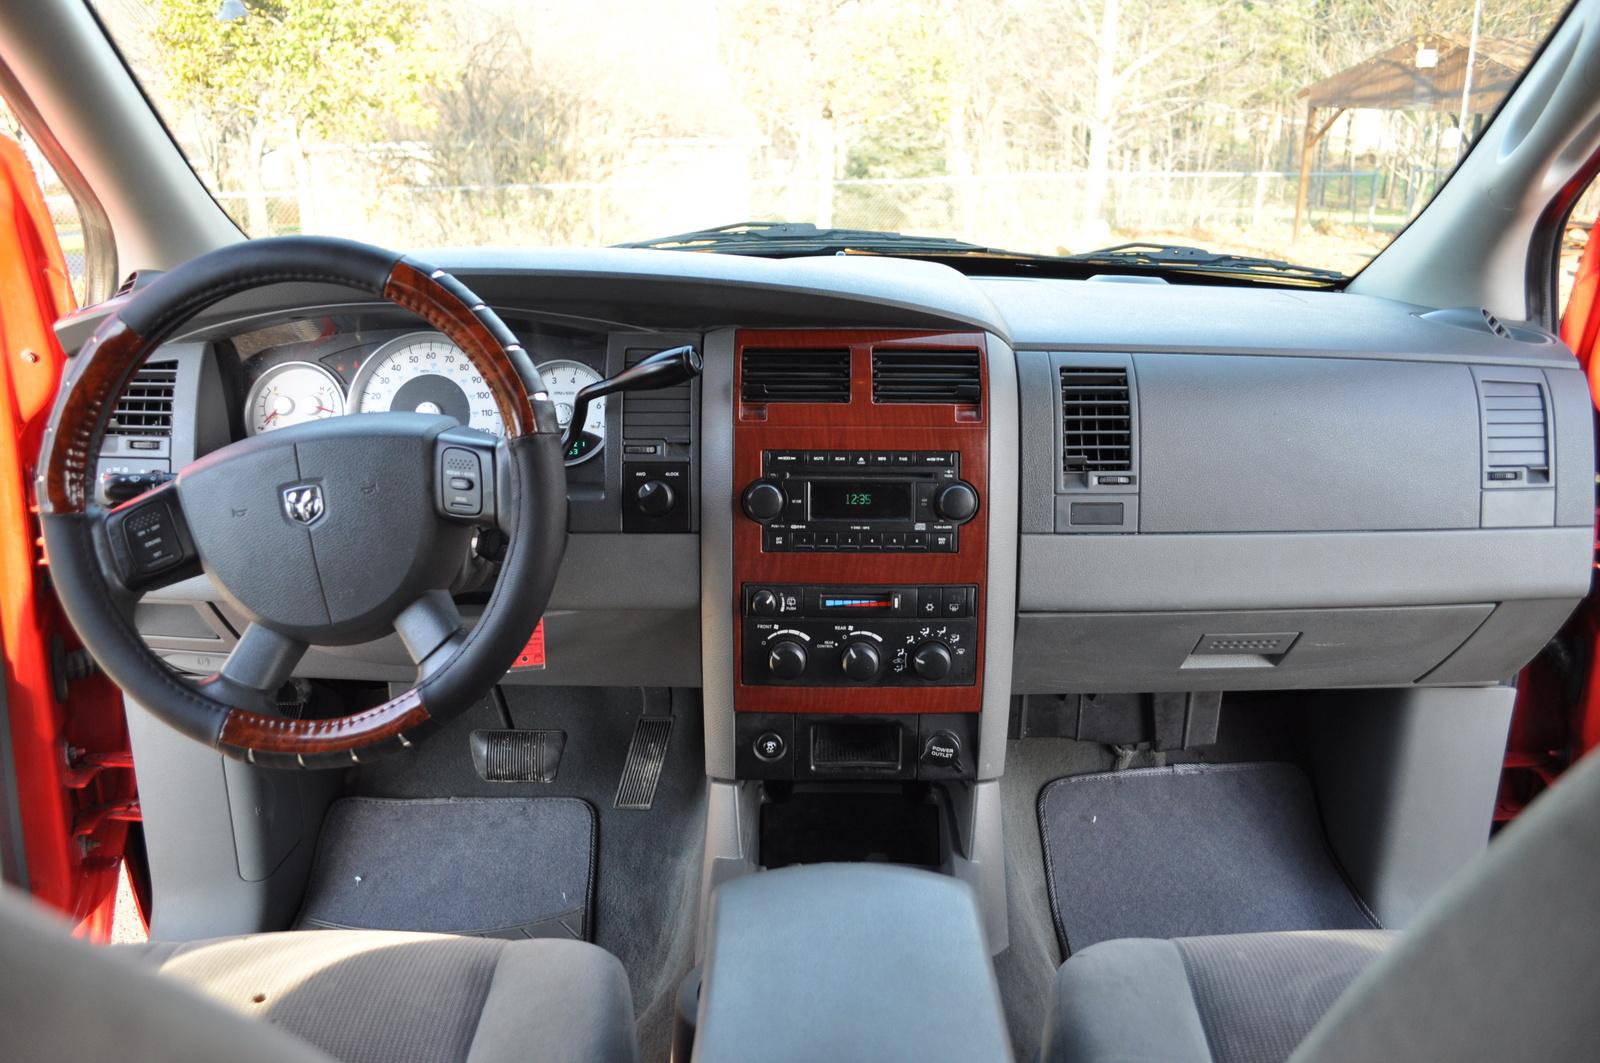 2005 Dodge Durango St >> 2005 Dodge Durango - Pictures - CarGurus